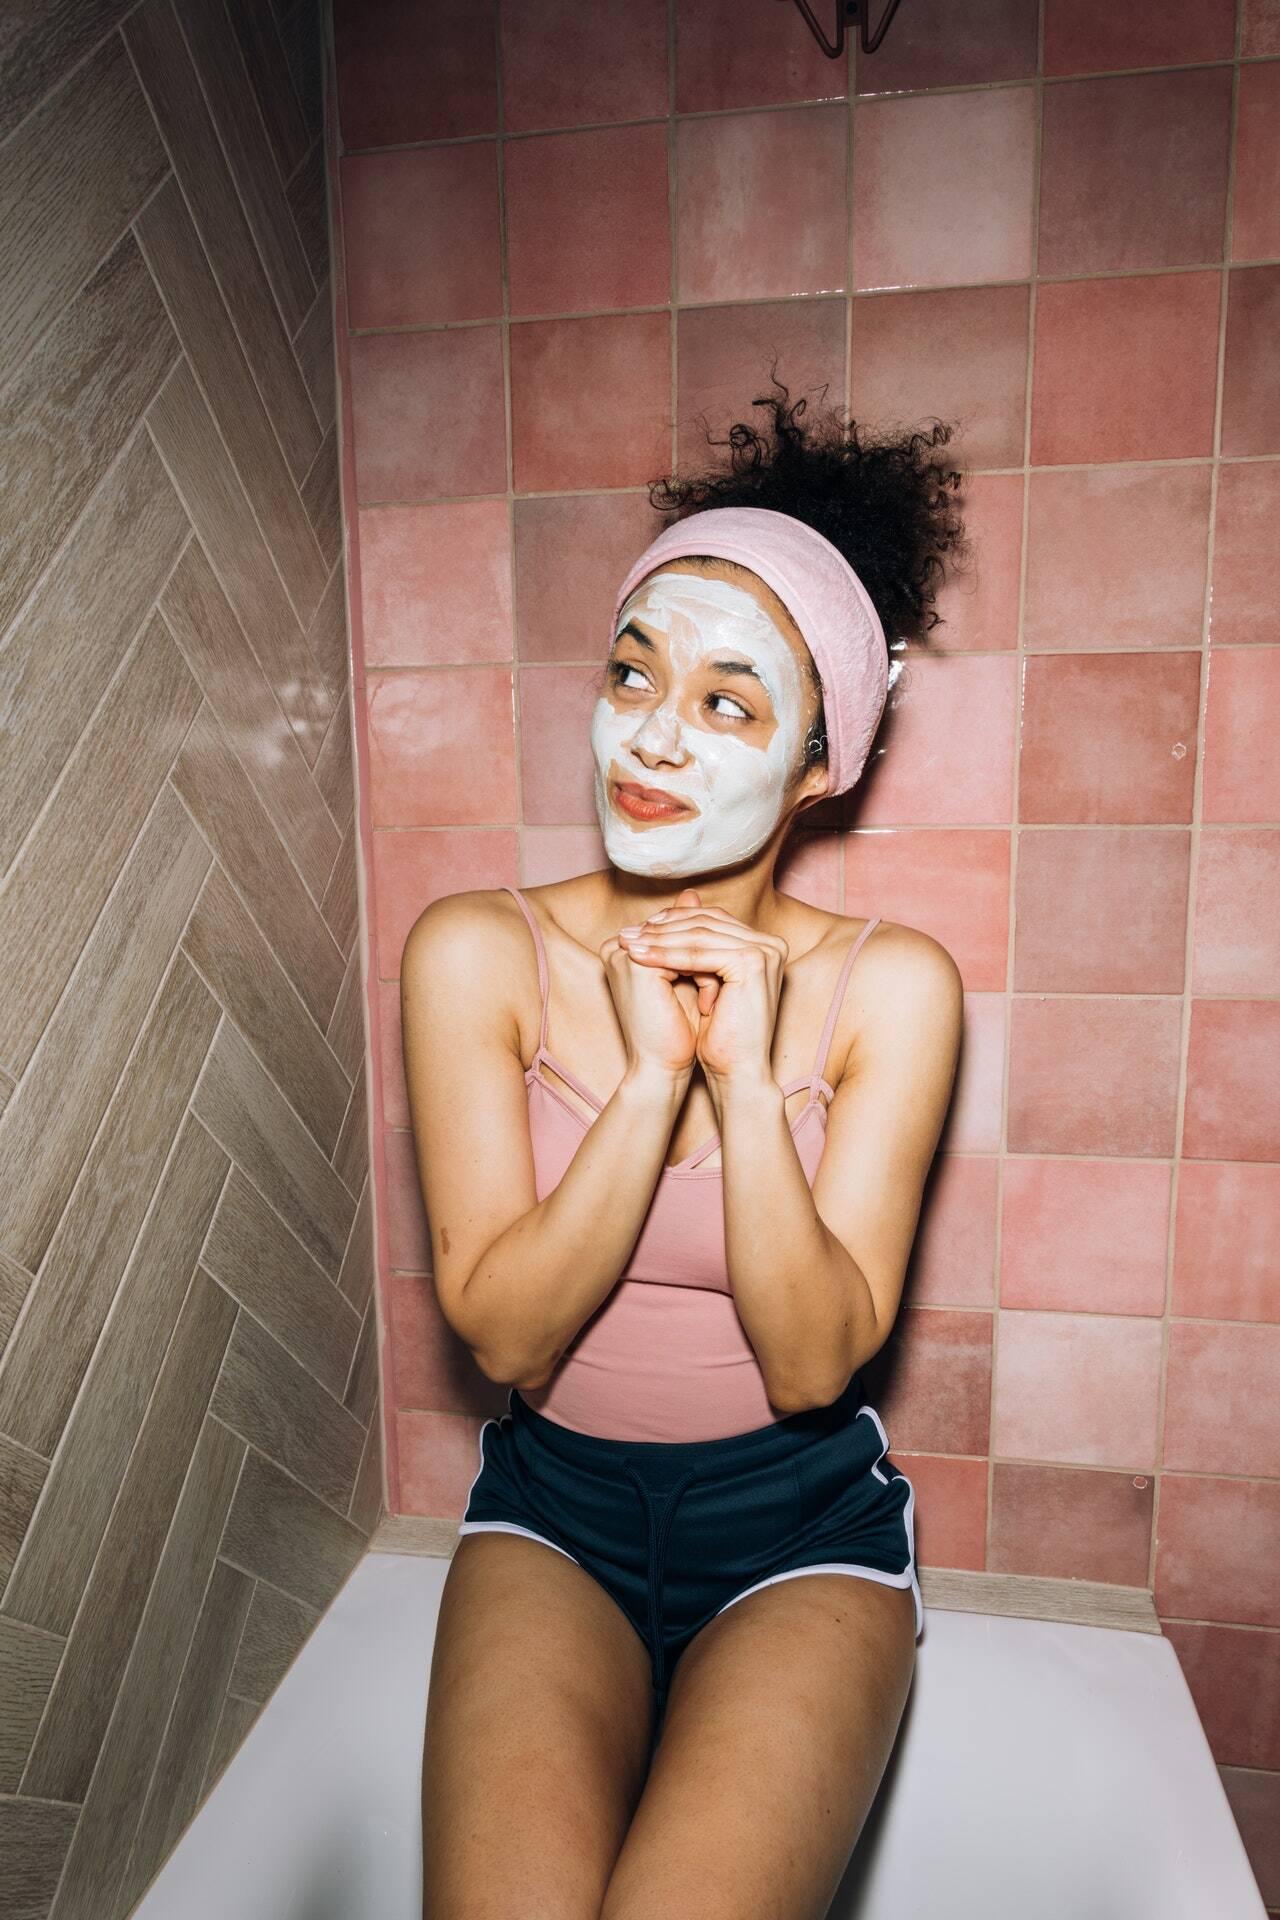 Lembre-se de lavar o rosto antes de aplicar a máscara para potencializar os efeitos. A máscara deve agir por 20 minutos e depois basta retirá-la com água morna ou em temperatura ambiente e, em seguida, passar o creme para o rosto que você está acostumada a usar diariamente. (Foto: Pexels)